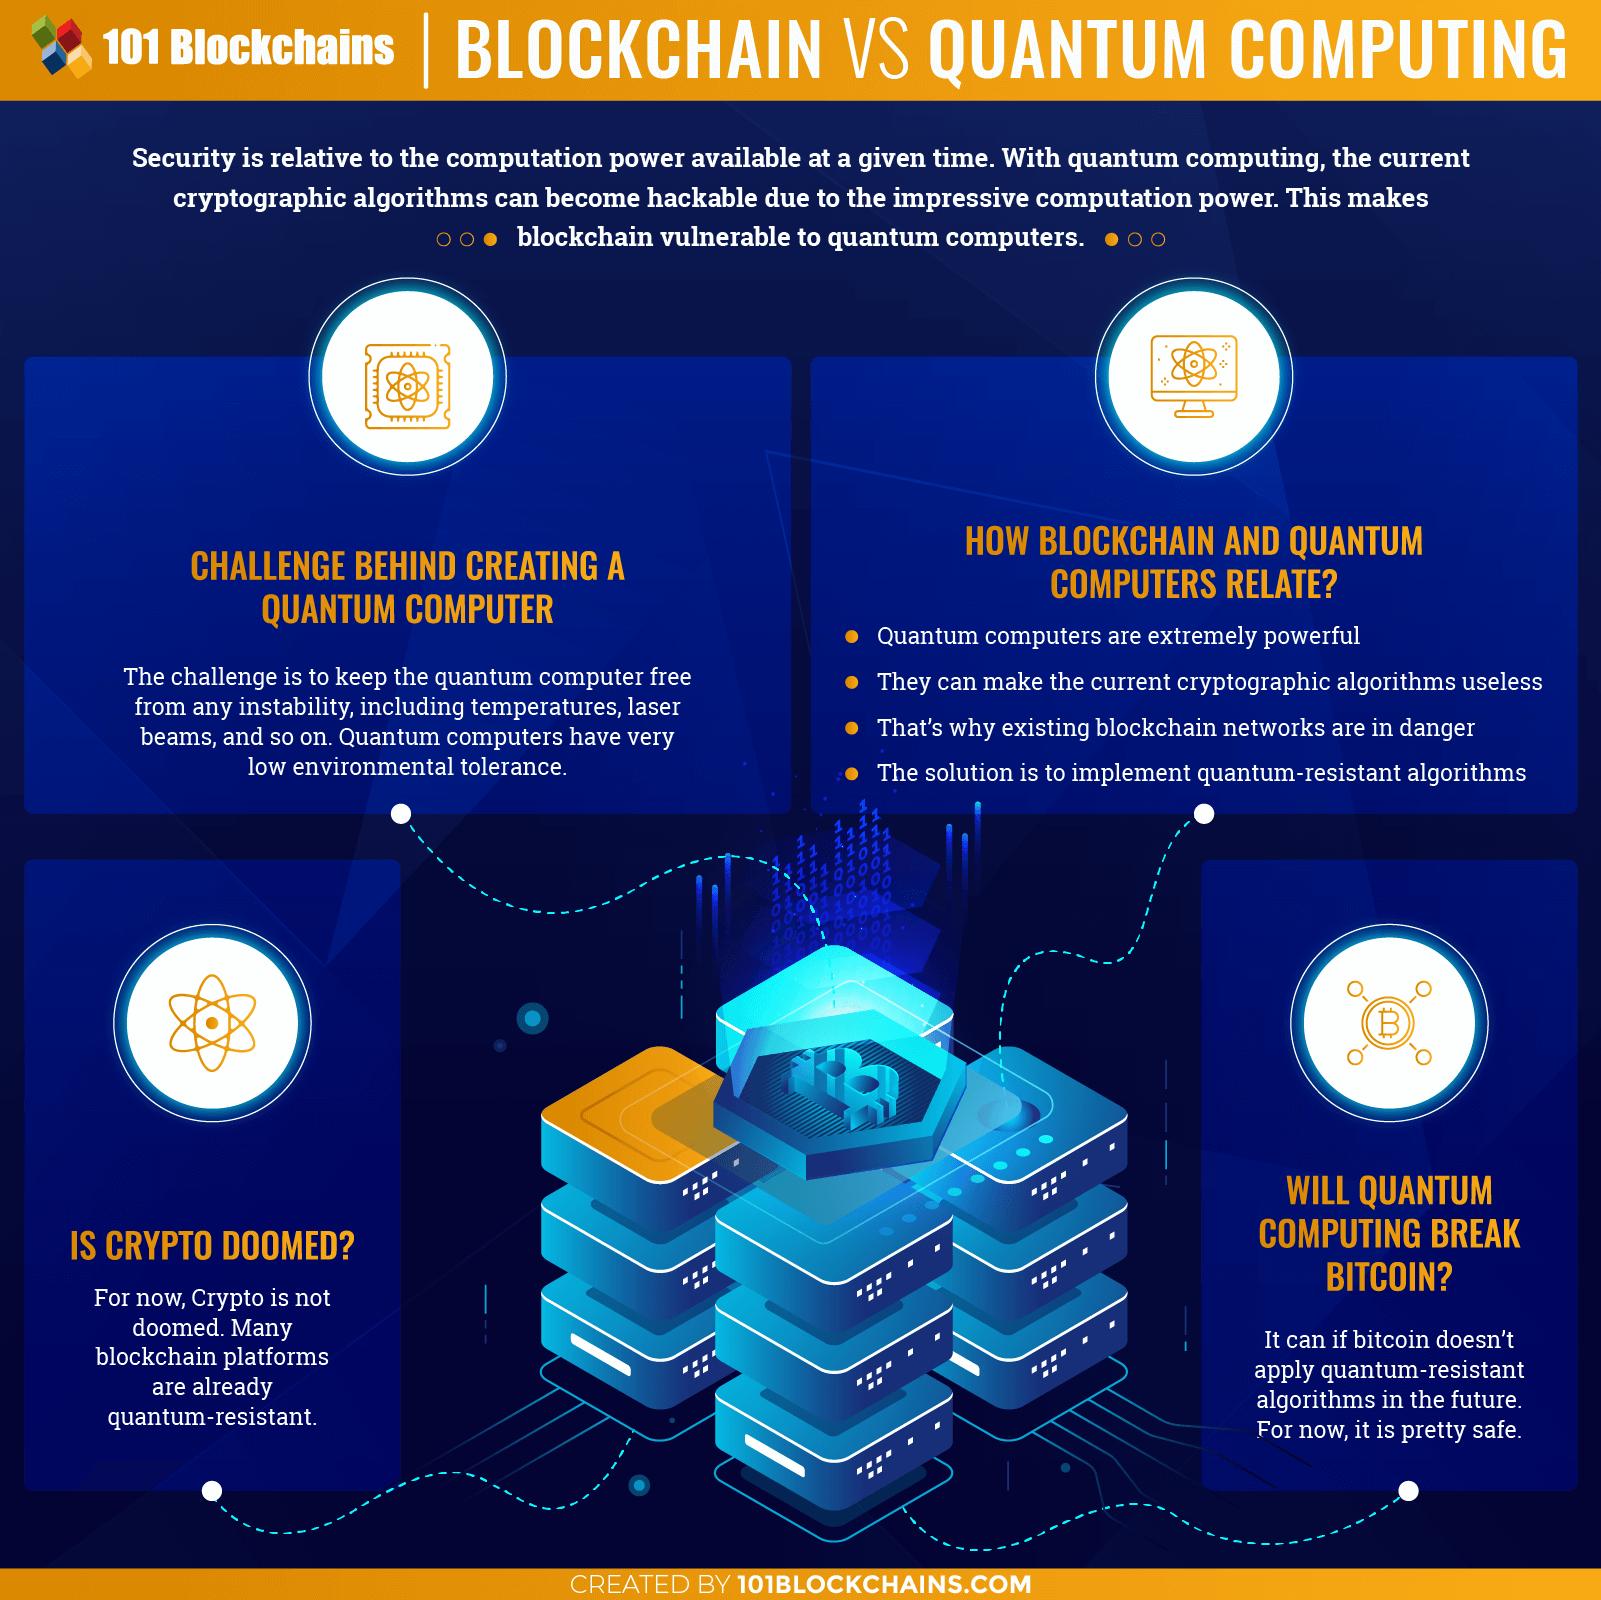 Blockchain and Quantum computing